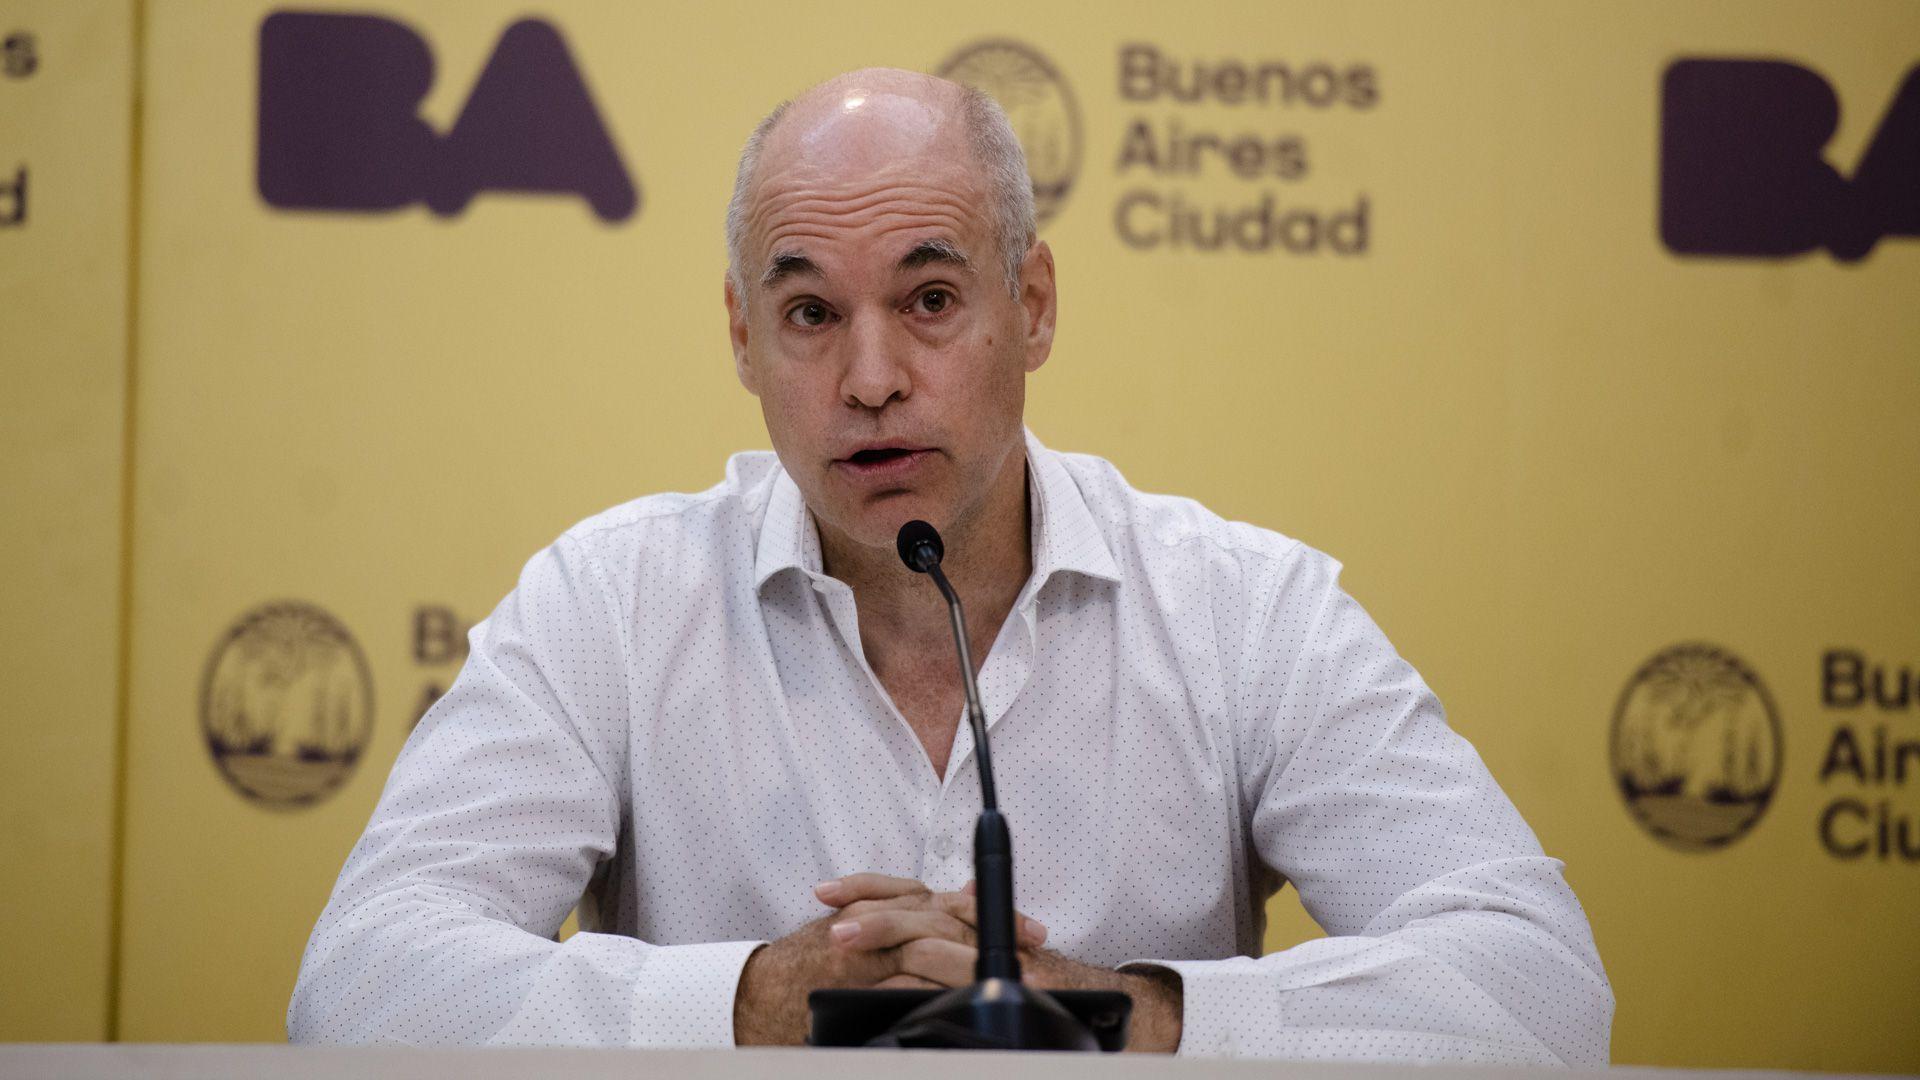 El jefe de Gobierno porteño, Horacio Rodríguez Larreta  habla durante una conferencia de prensa actualizando información respecto al corona virus en la Ciudad de Buenos Aires el lunes 9 de marzo de 2020. (Crédito: Adrián Escandar)